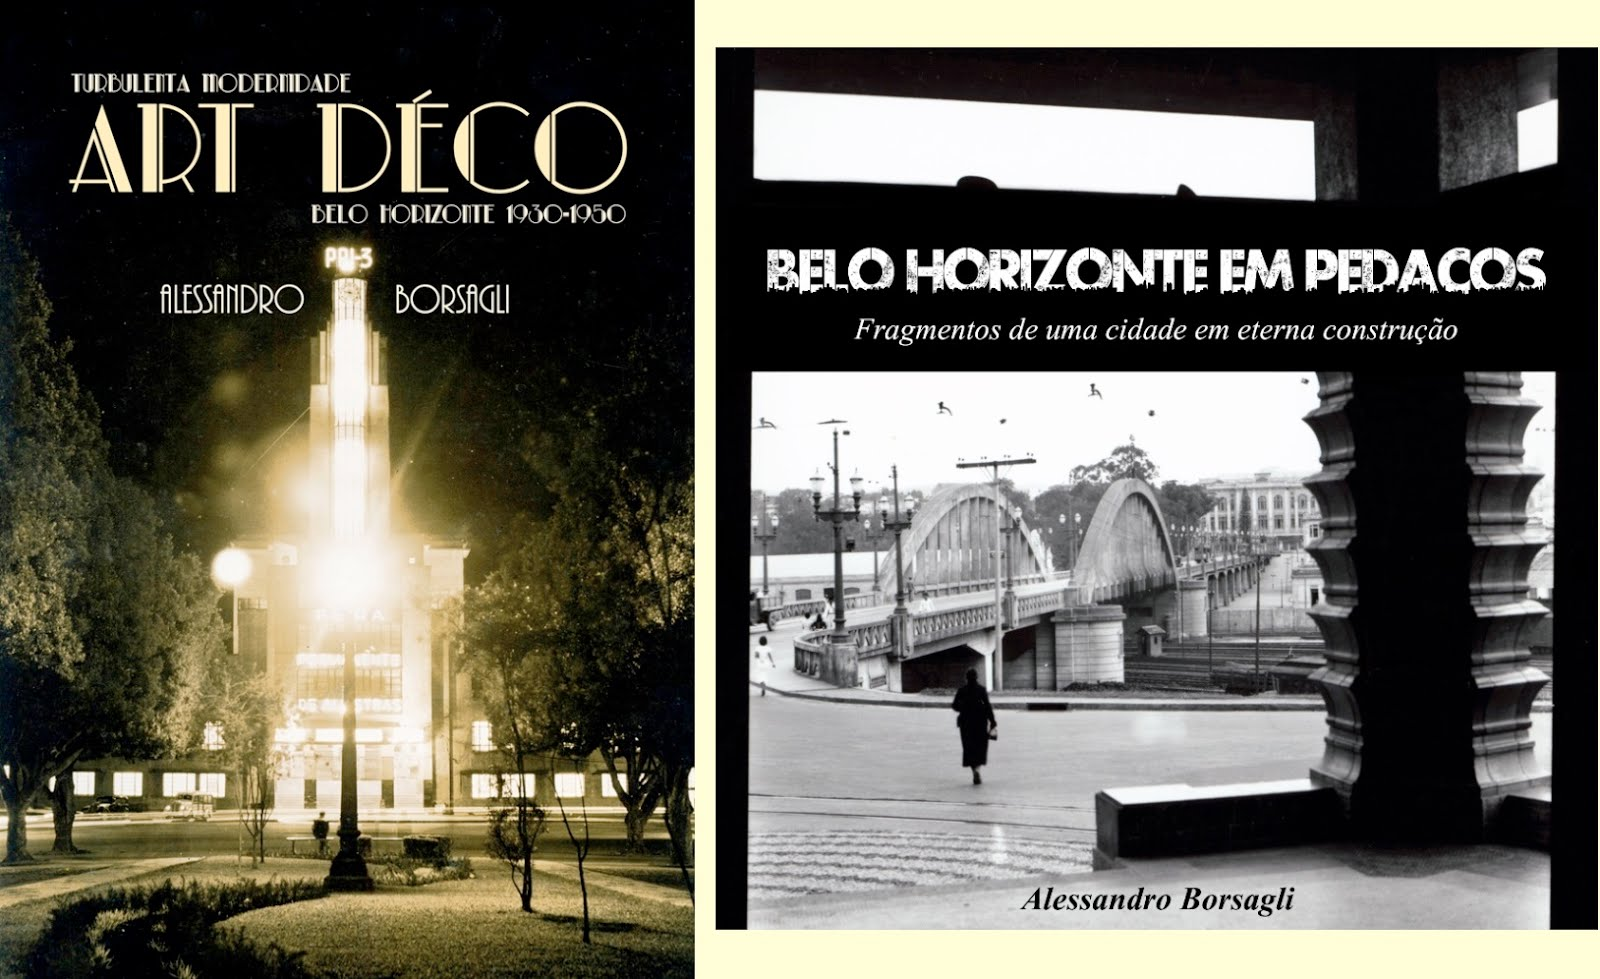 Livros Turbulenta modernidade: o Art déco em BH e Belo Horizonte em pedaços a venda